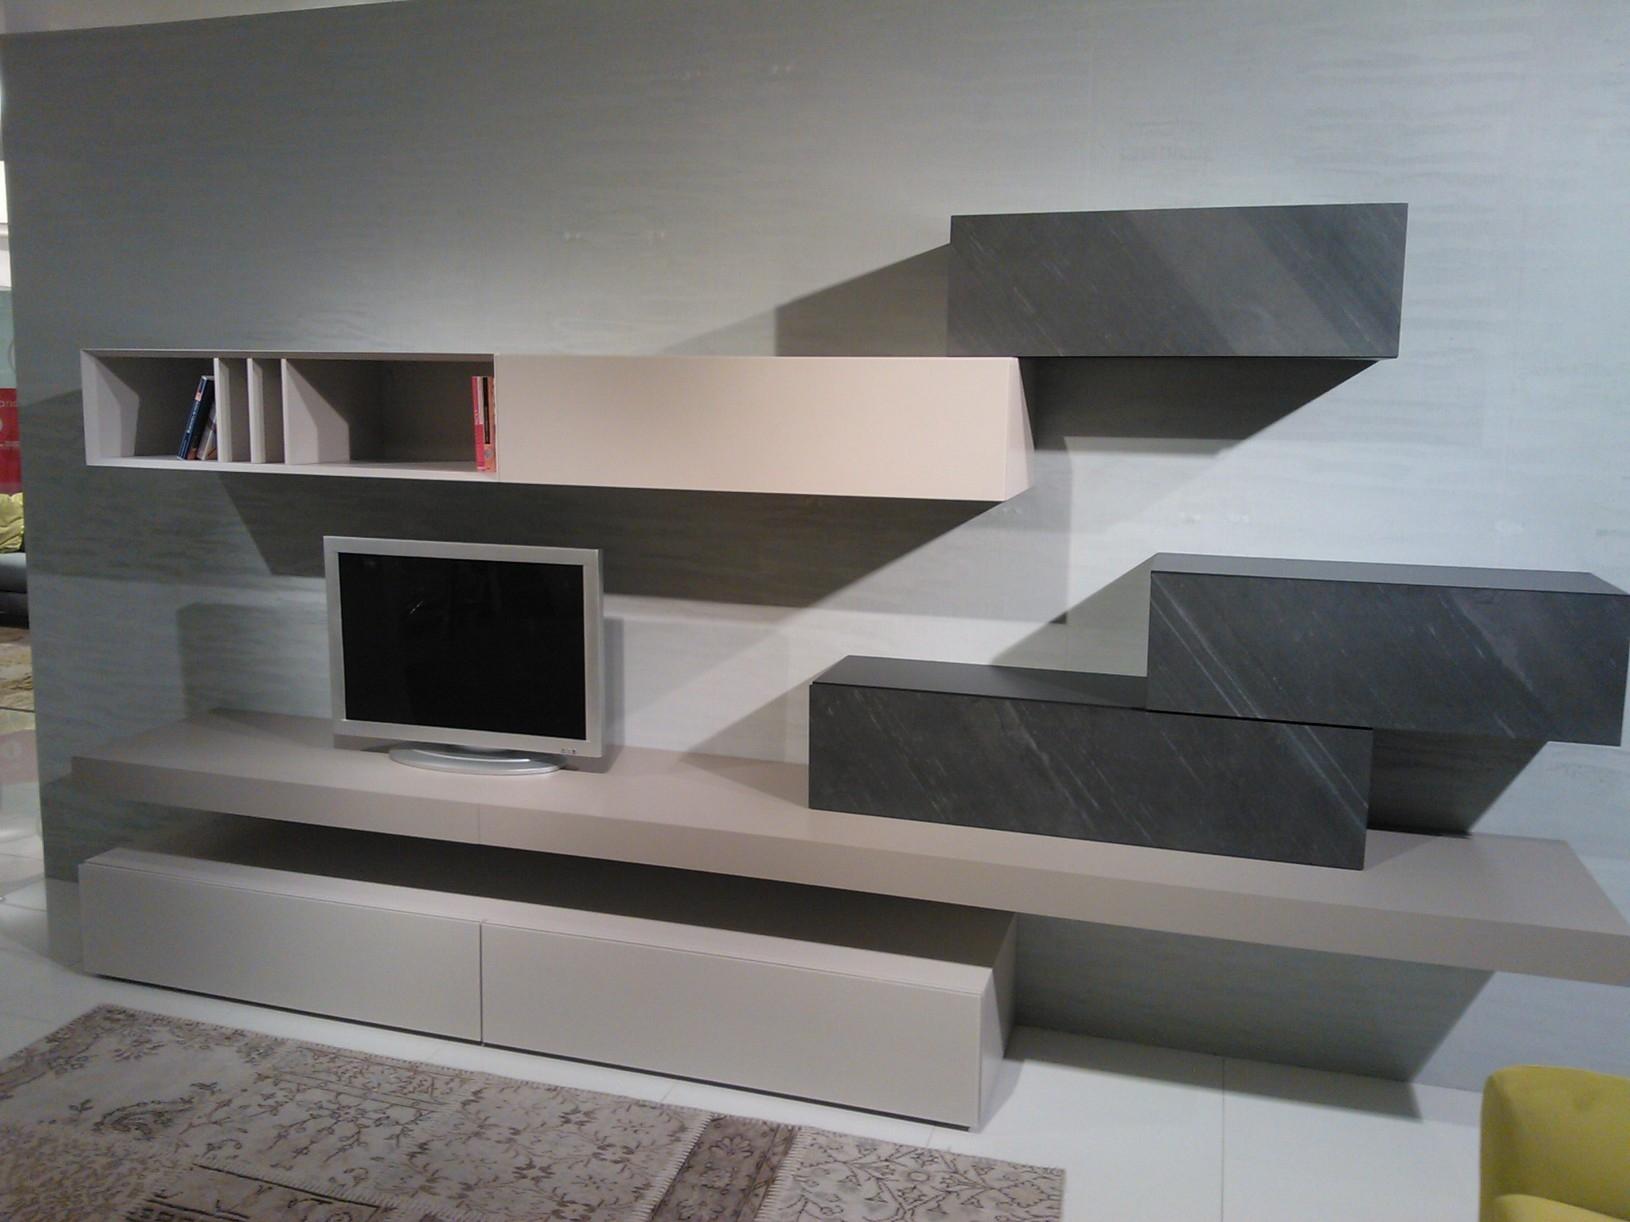 Mobili pianca opinioni decorazioni per la casa for Mobili design scontati